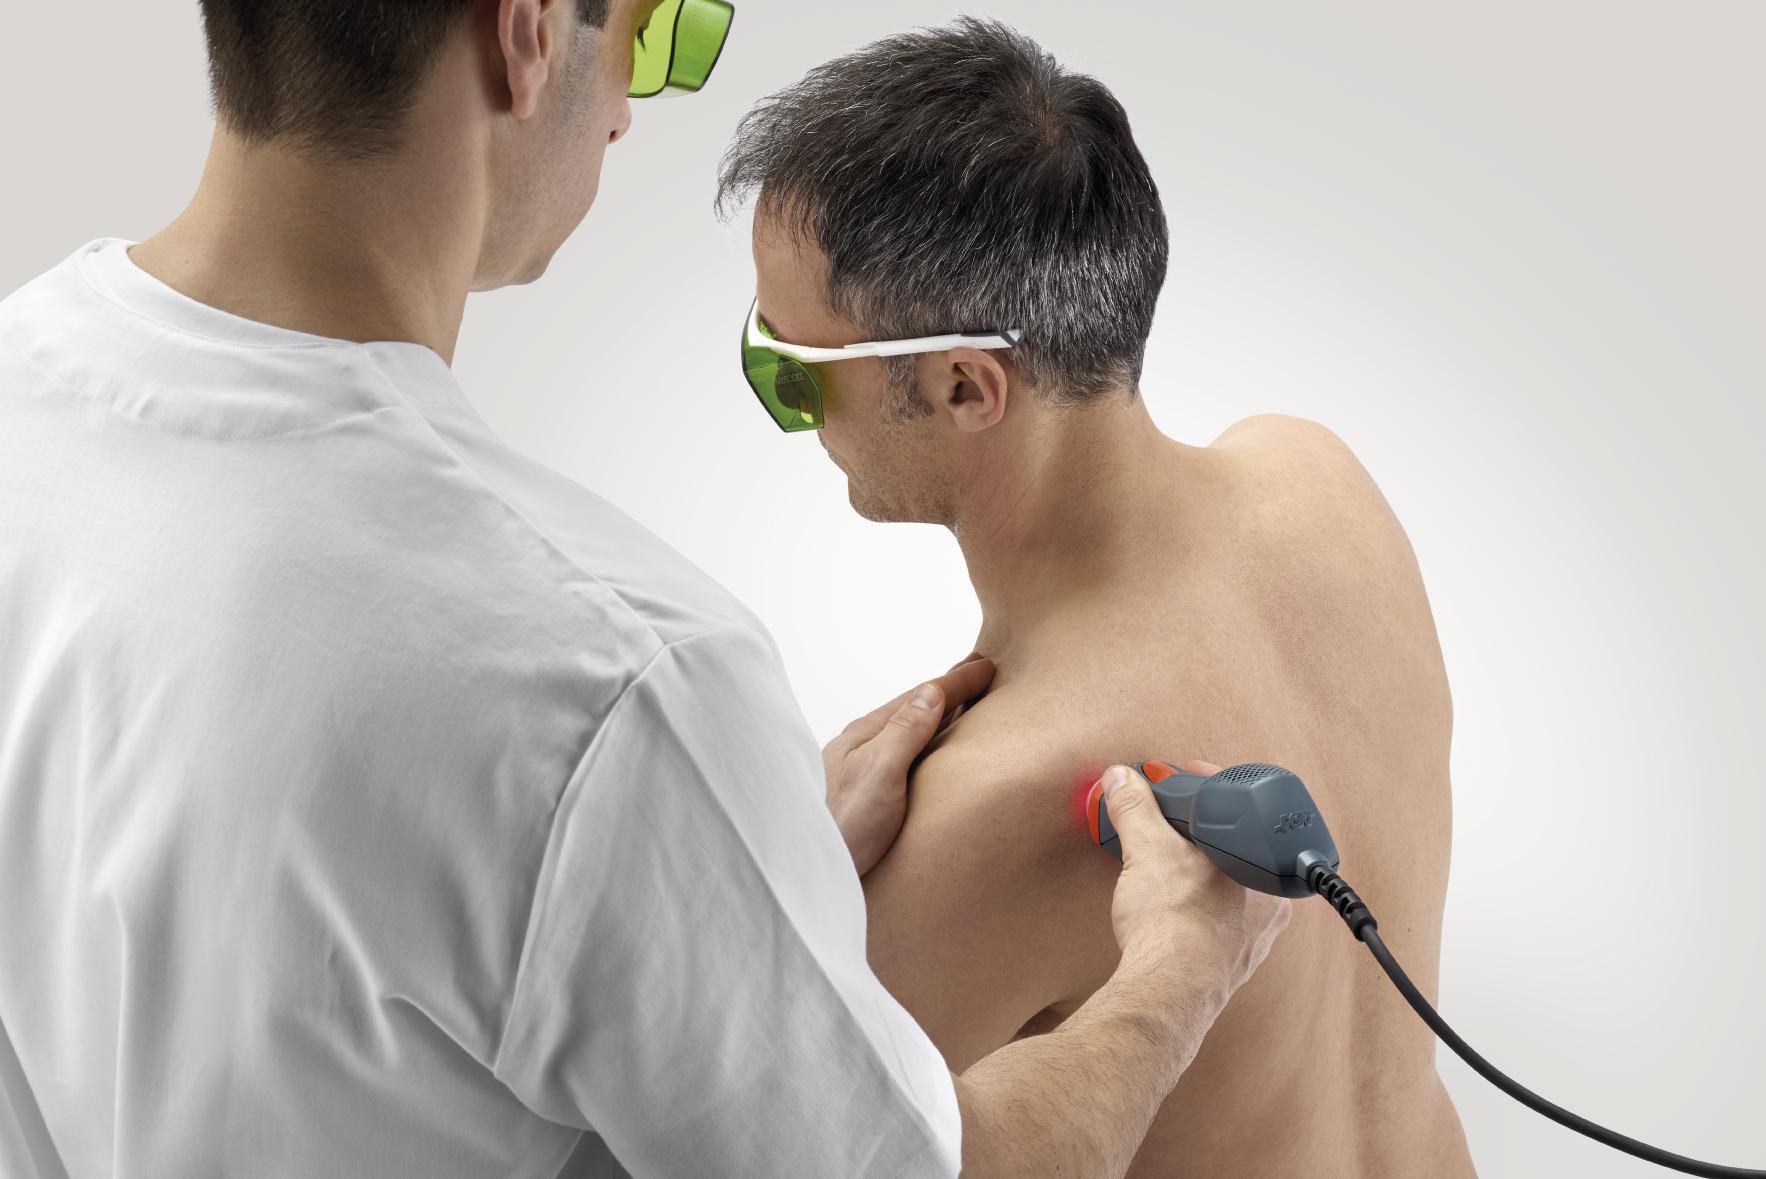 Mphi 75 - shoulder laser treatment